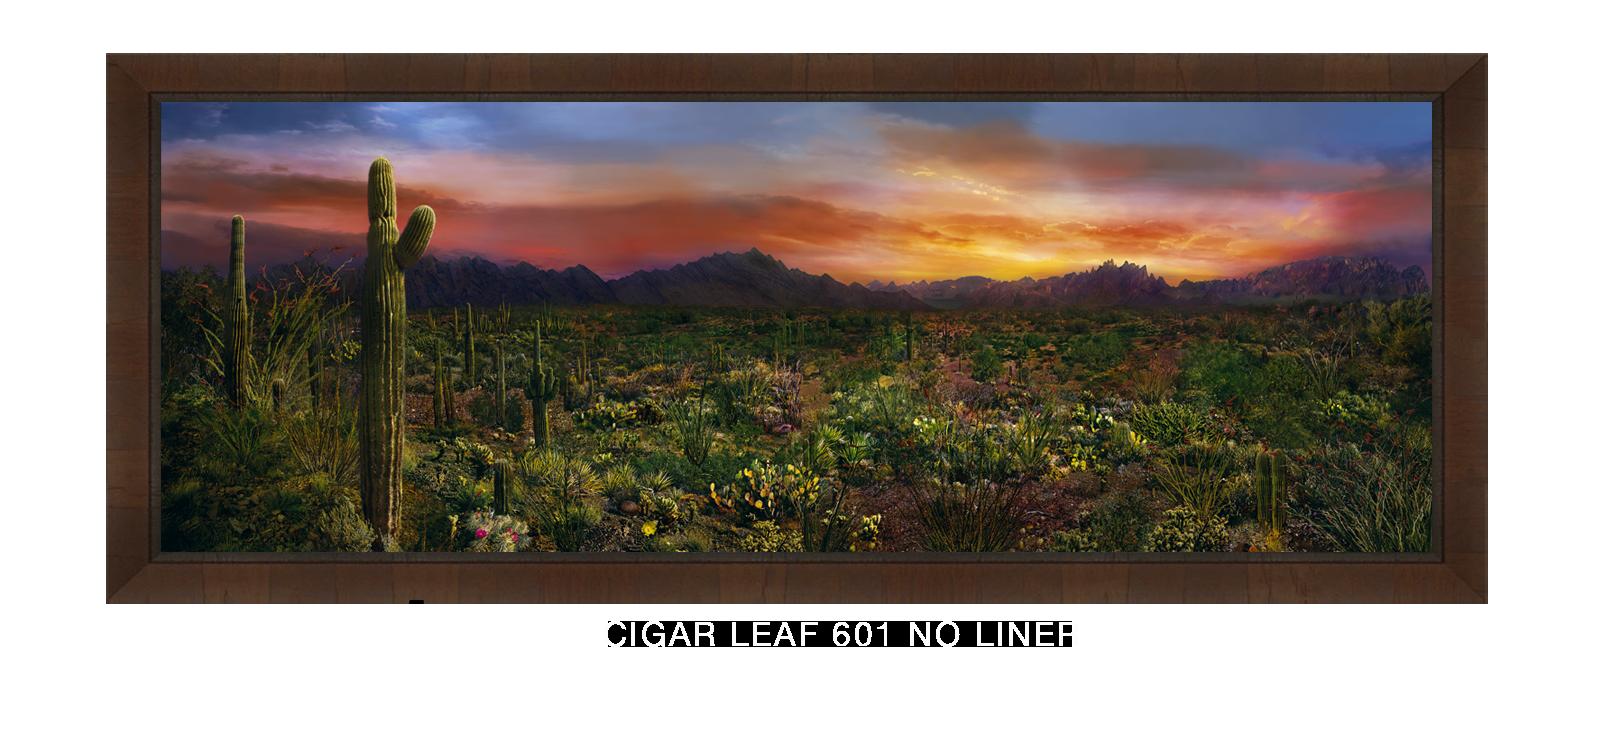 31EDEN VERNALIS Cigar Leaf 601 w_No Liner T